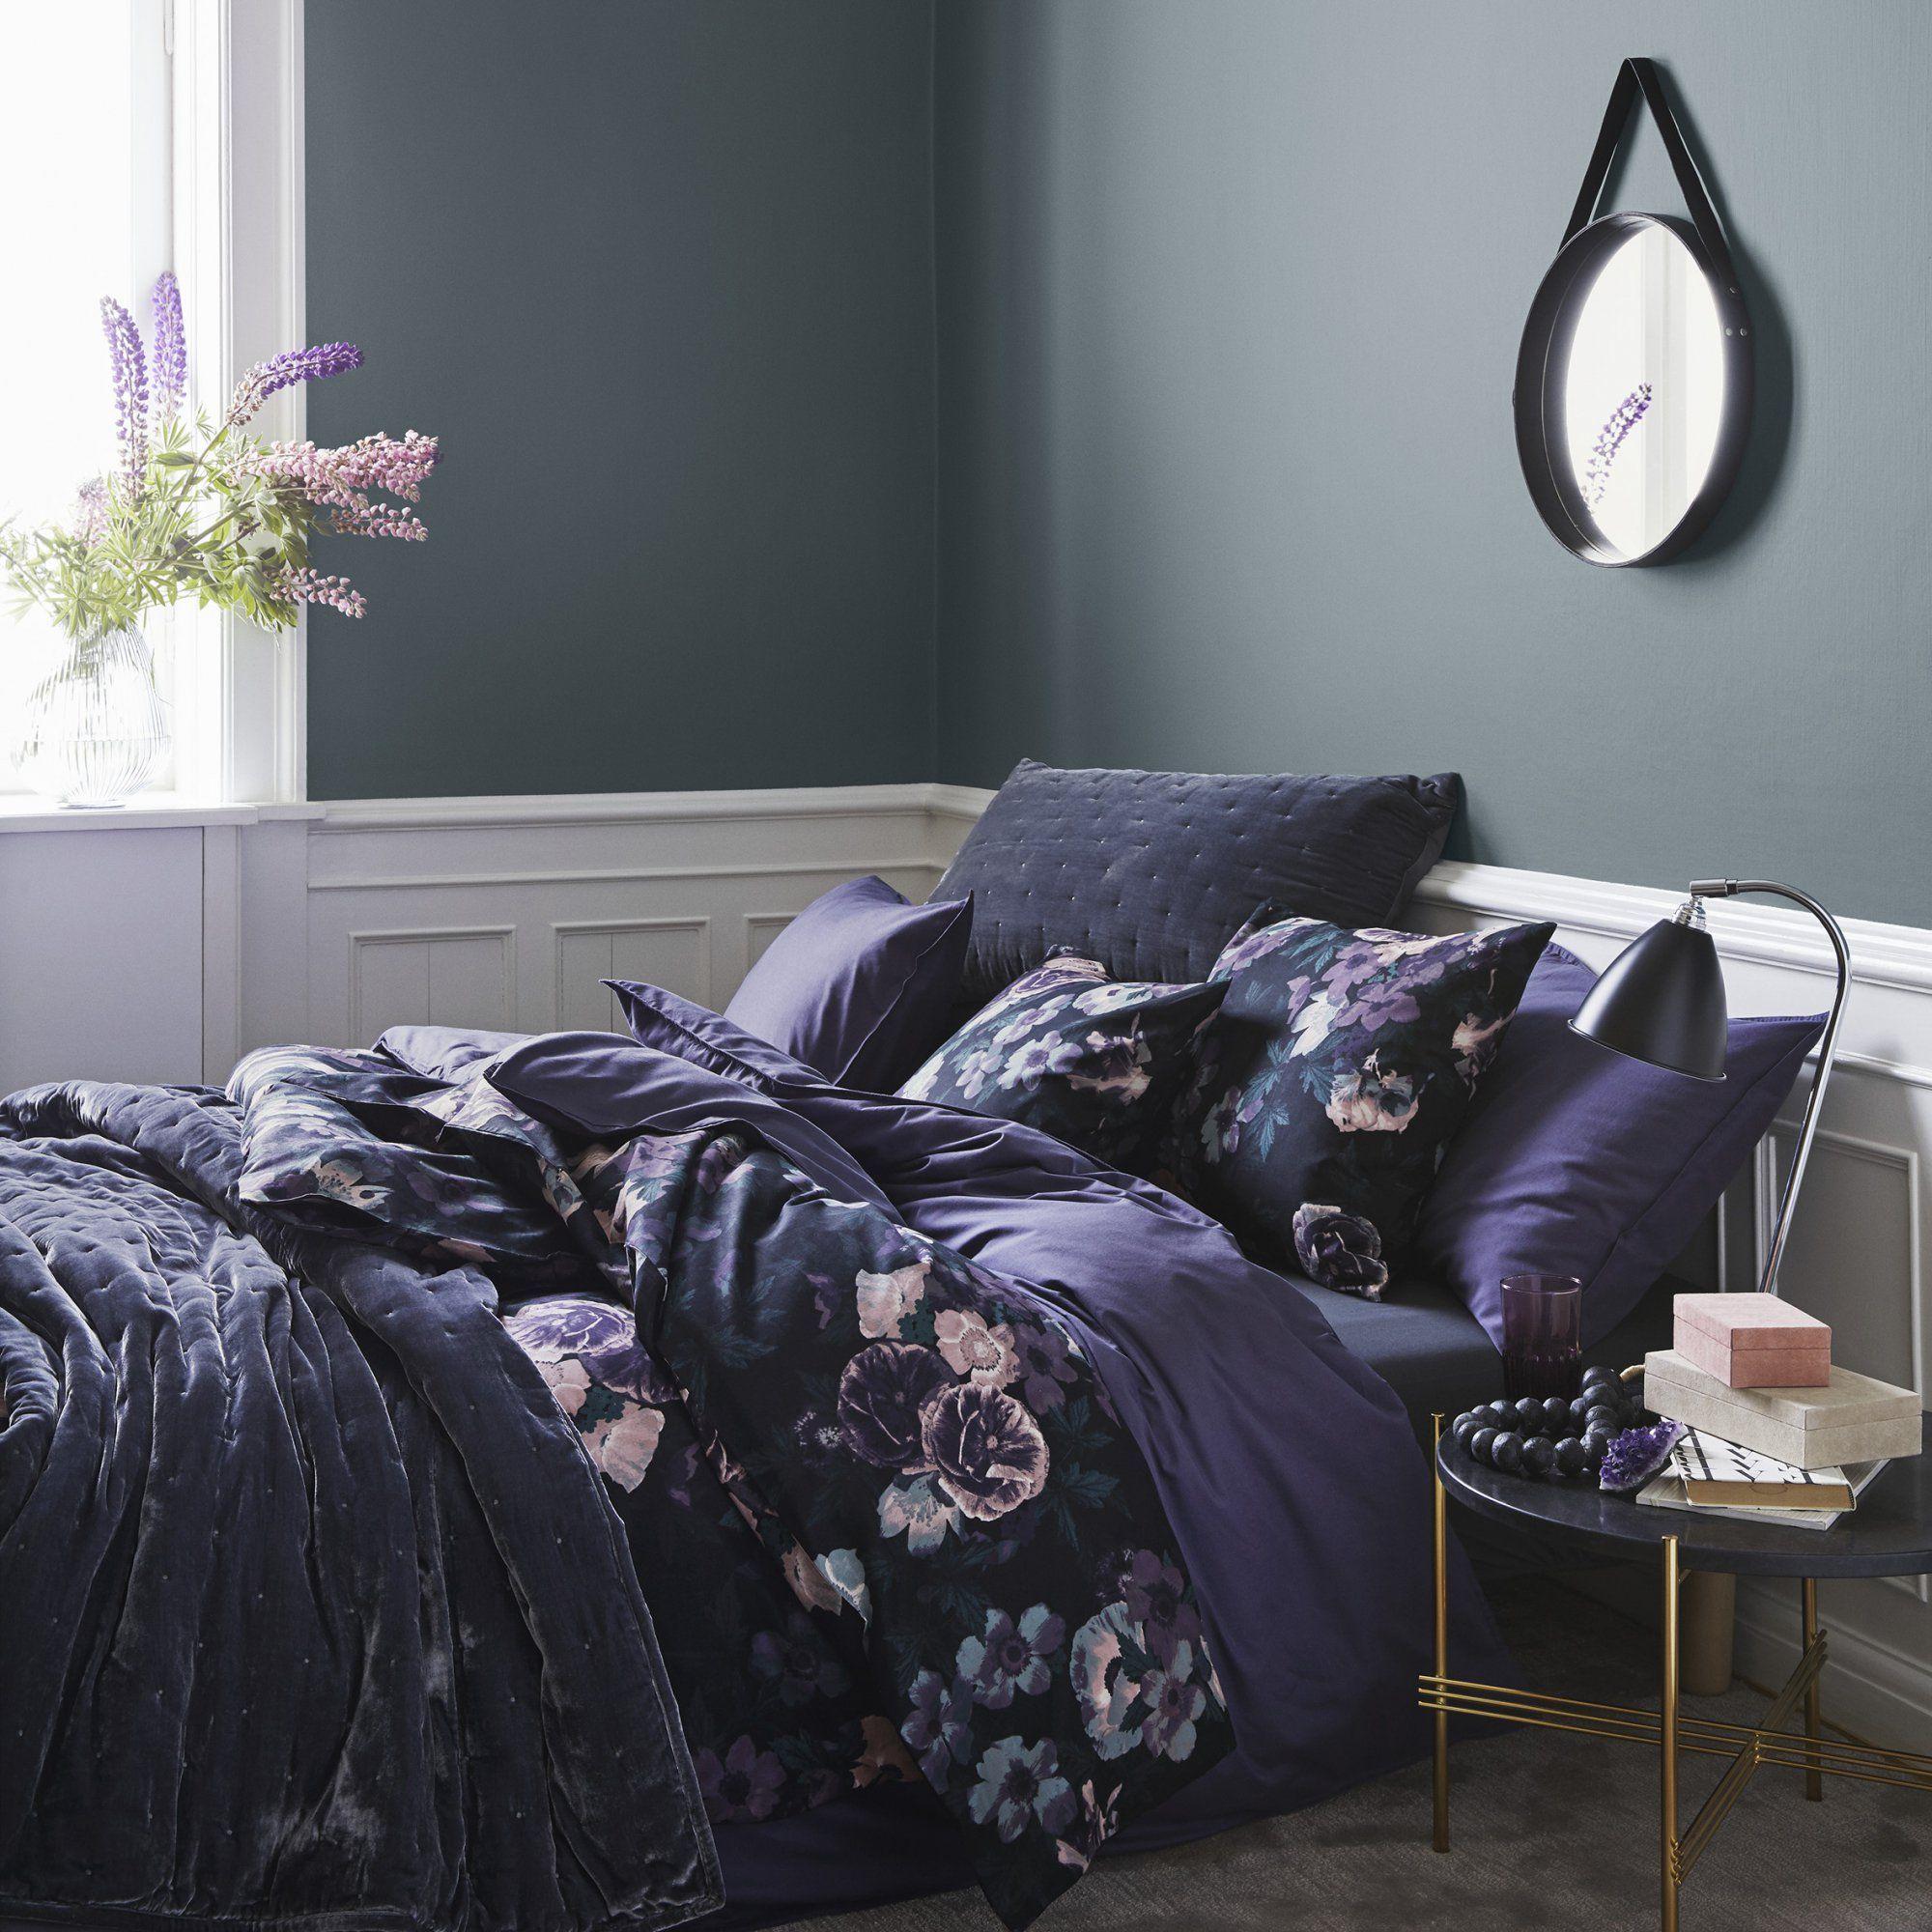 une chambre romantique la parure de lit fleurie aux tons violet un lit moelleux et. Black Bedroom Furniture Sets. Home Design Ideas